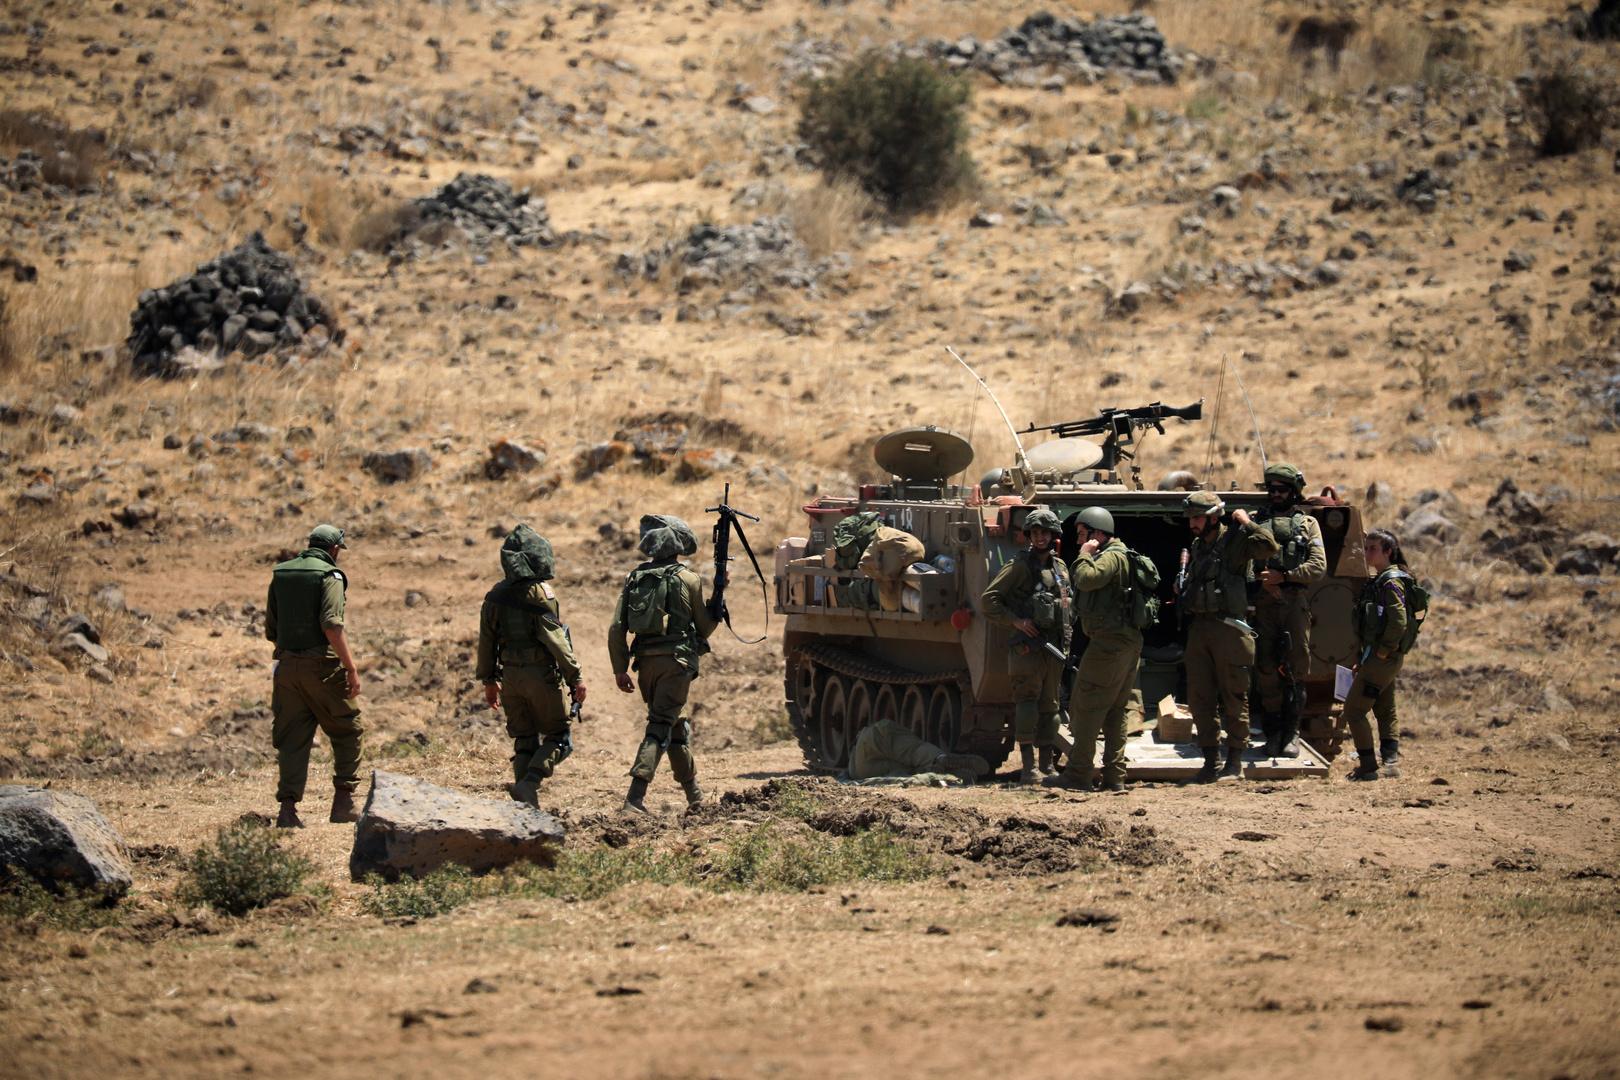 دمشق تدين تصريحات بينيت حول زيادة عدد المستوطنين في الجولان السوري المحتل